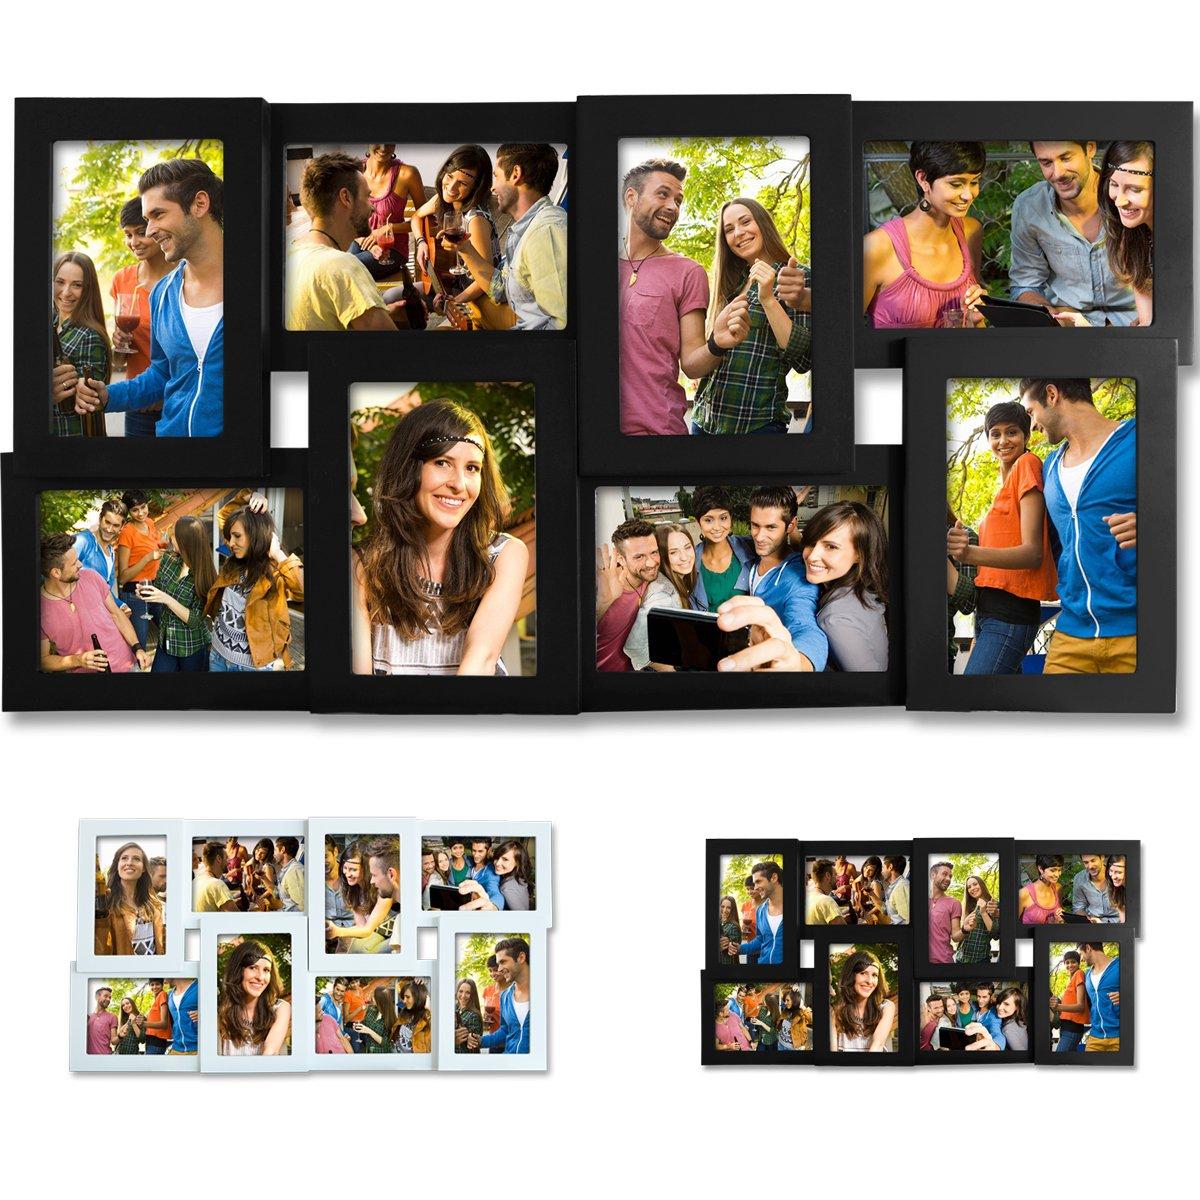 Amazon.de: EUGAD 8 Fotos Collage Bilderrahmen #8, Holz Rahmen, zum ...